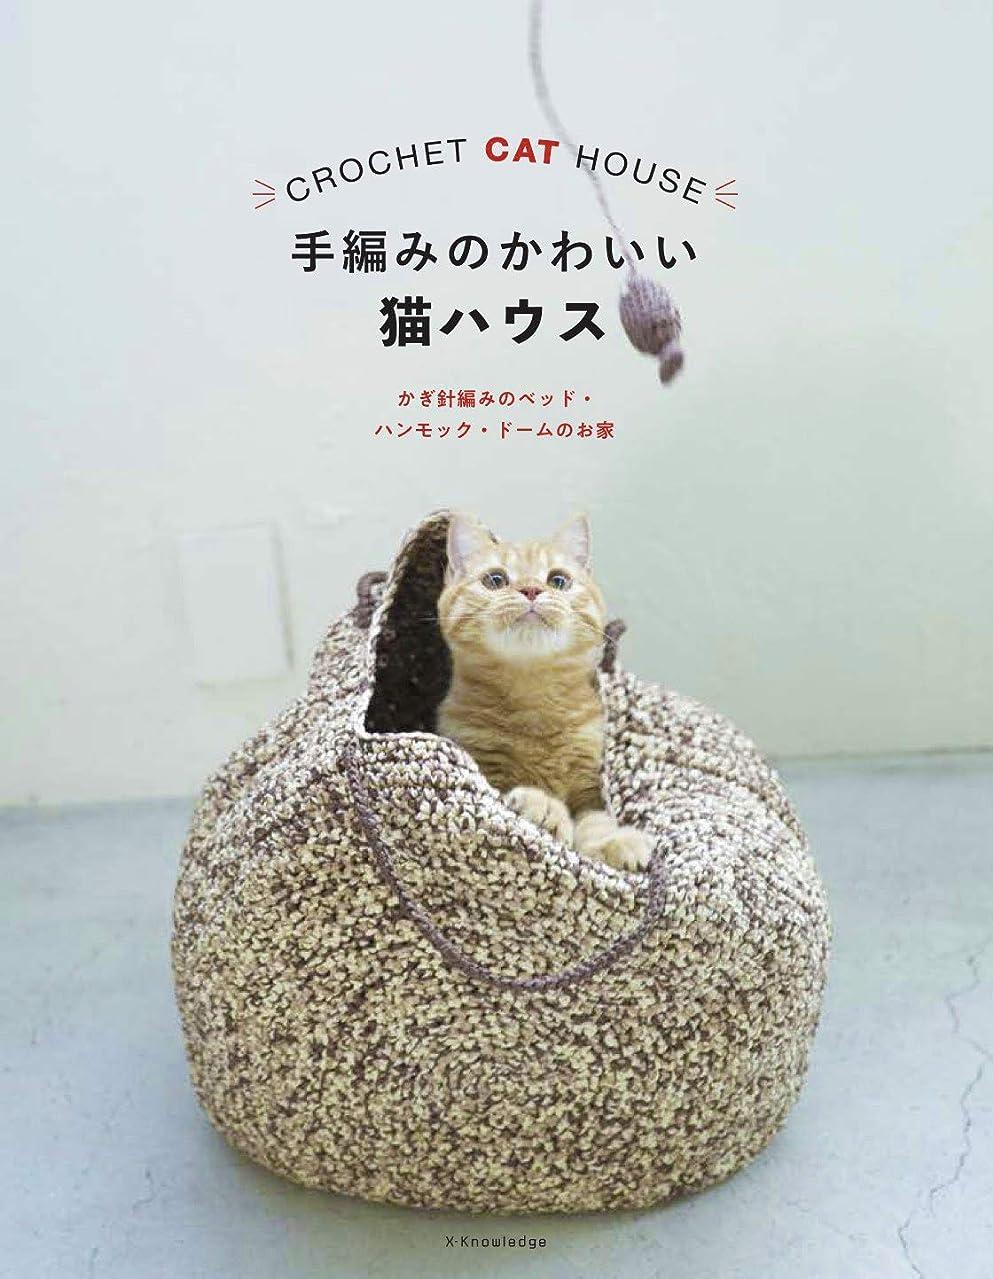 神ダブル才能手編みのかわいい猫ハウス